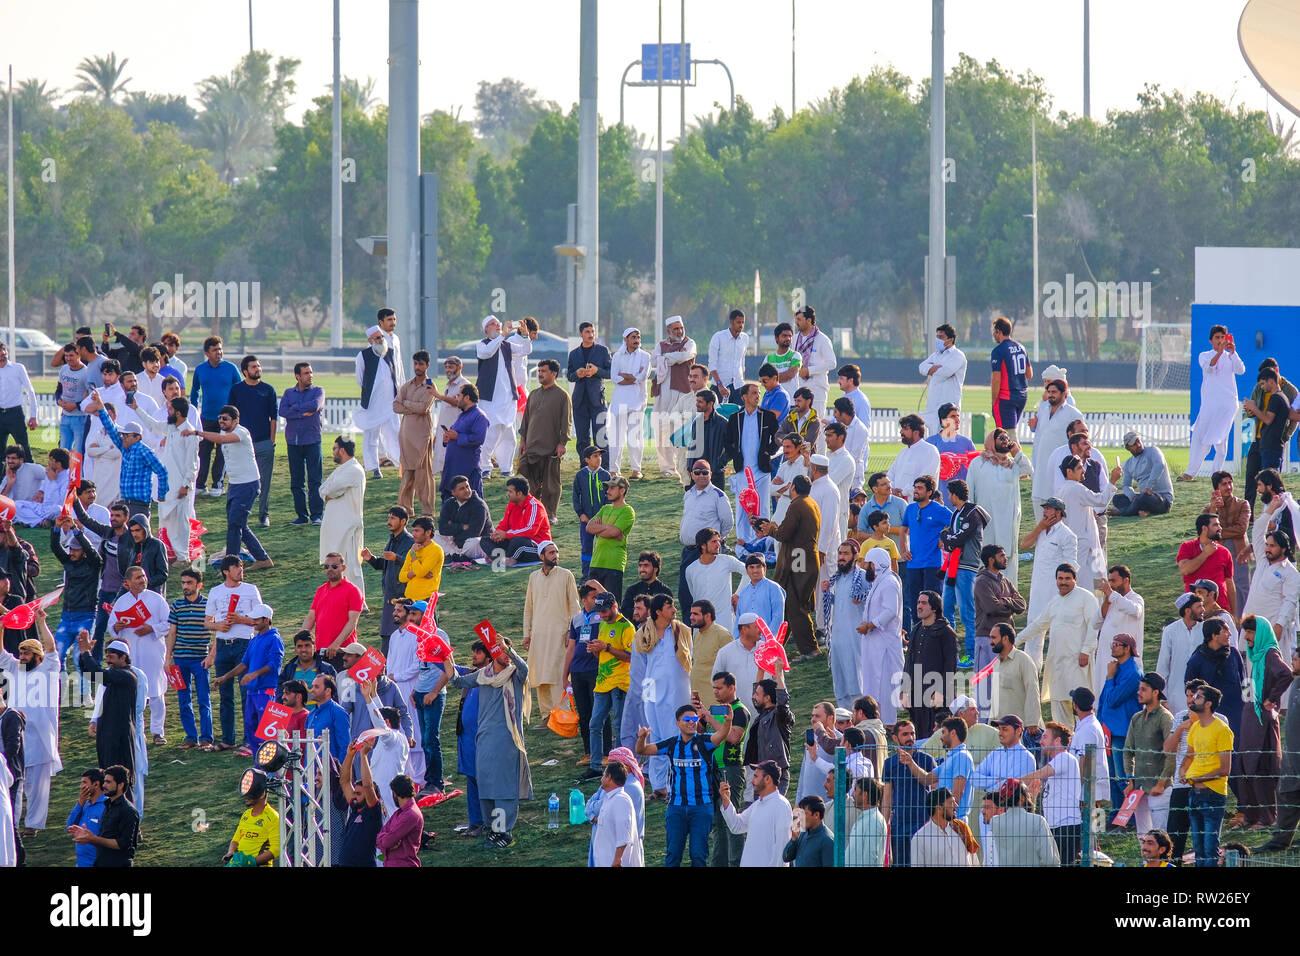 incontri in UAE Abu Dhabi